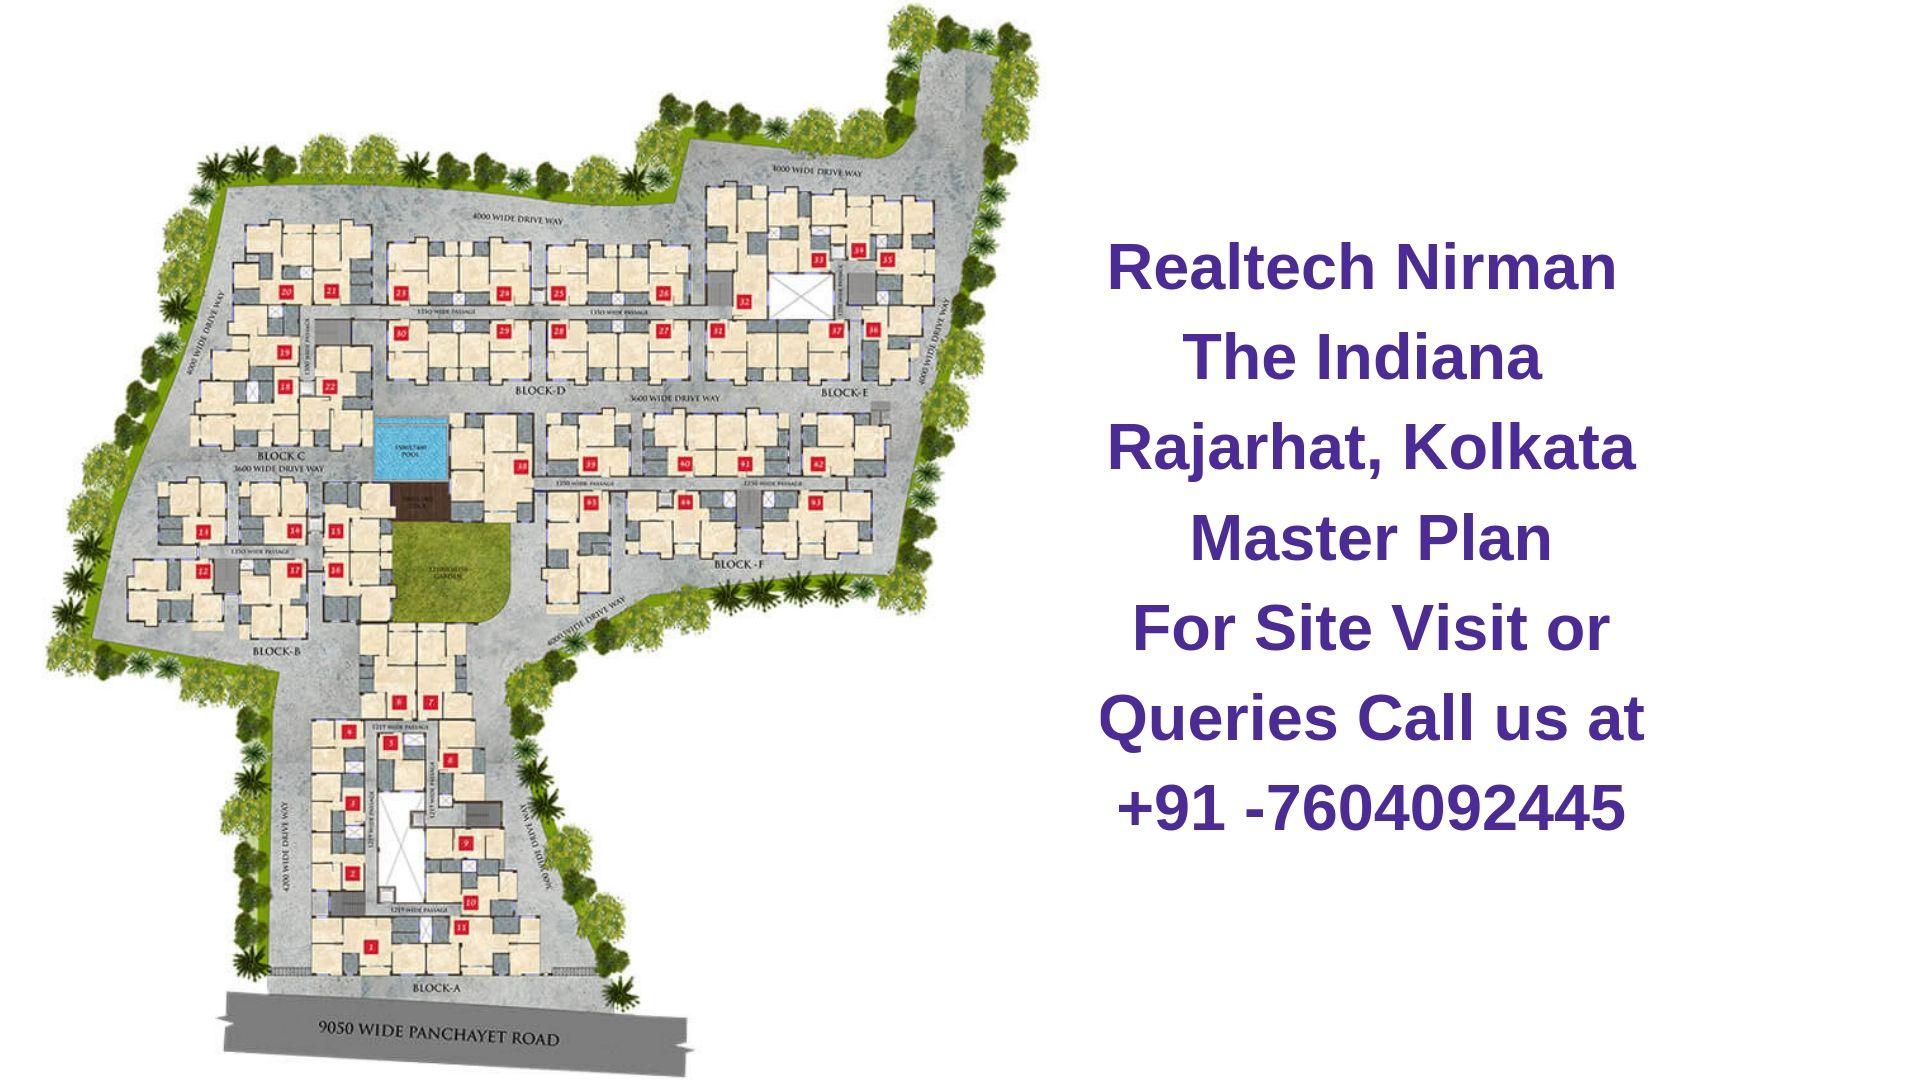 Realtech Nirman The Indiana Rajarhat, Kolkata Master Plan